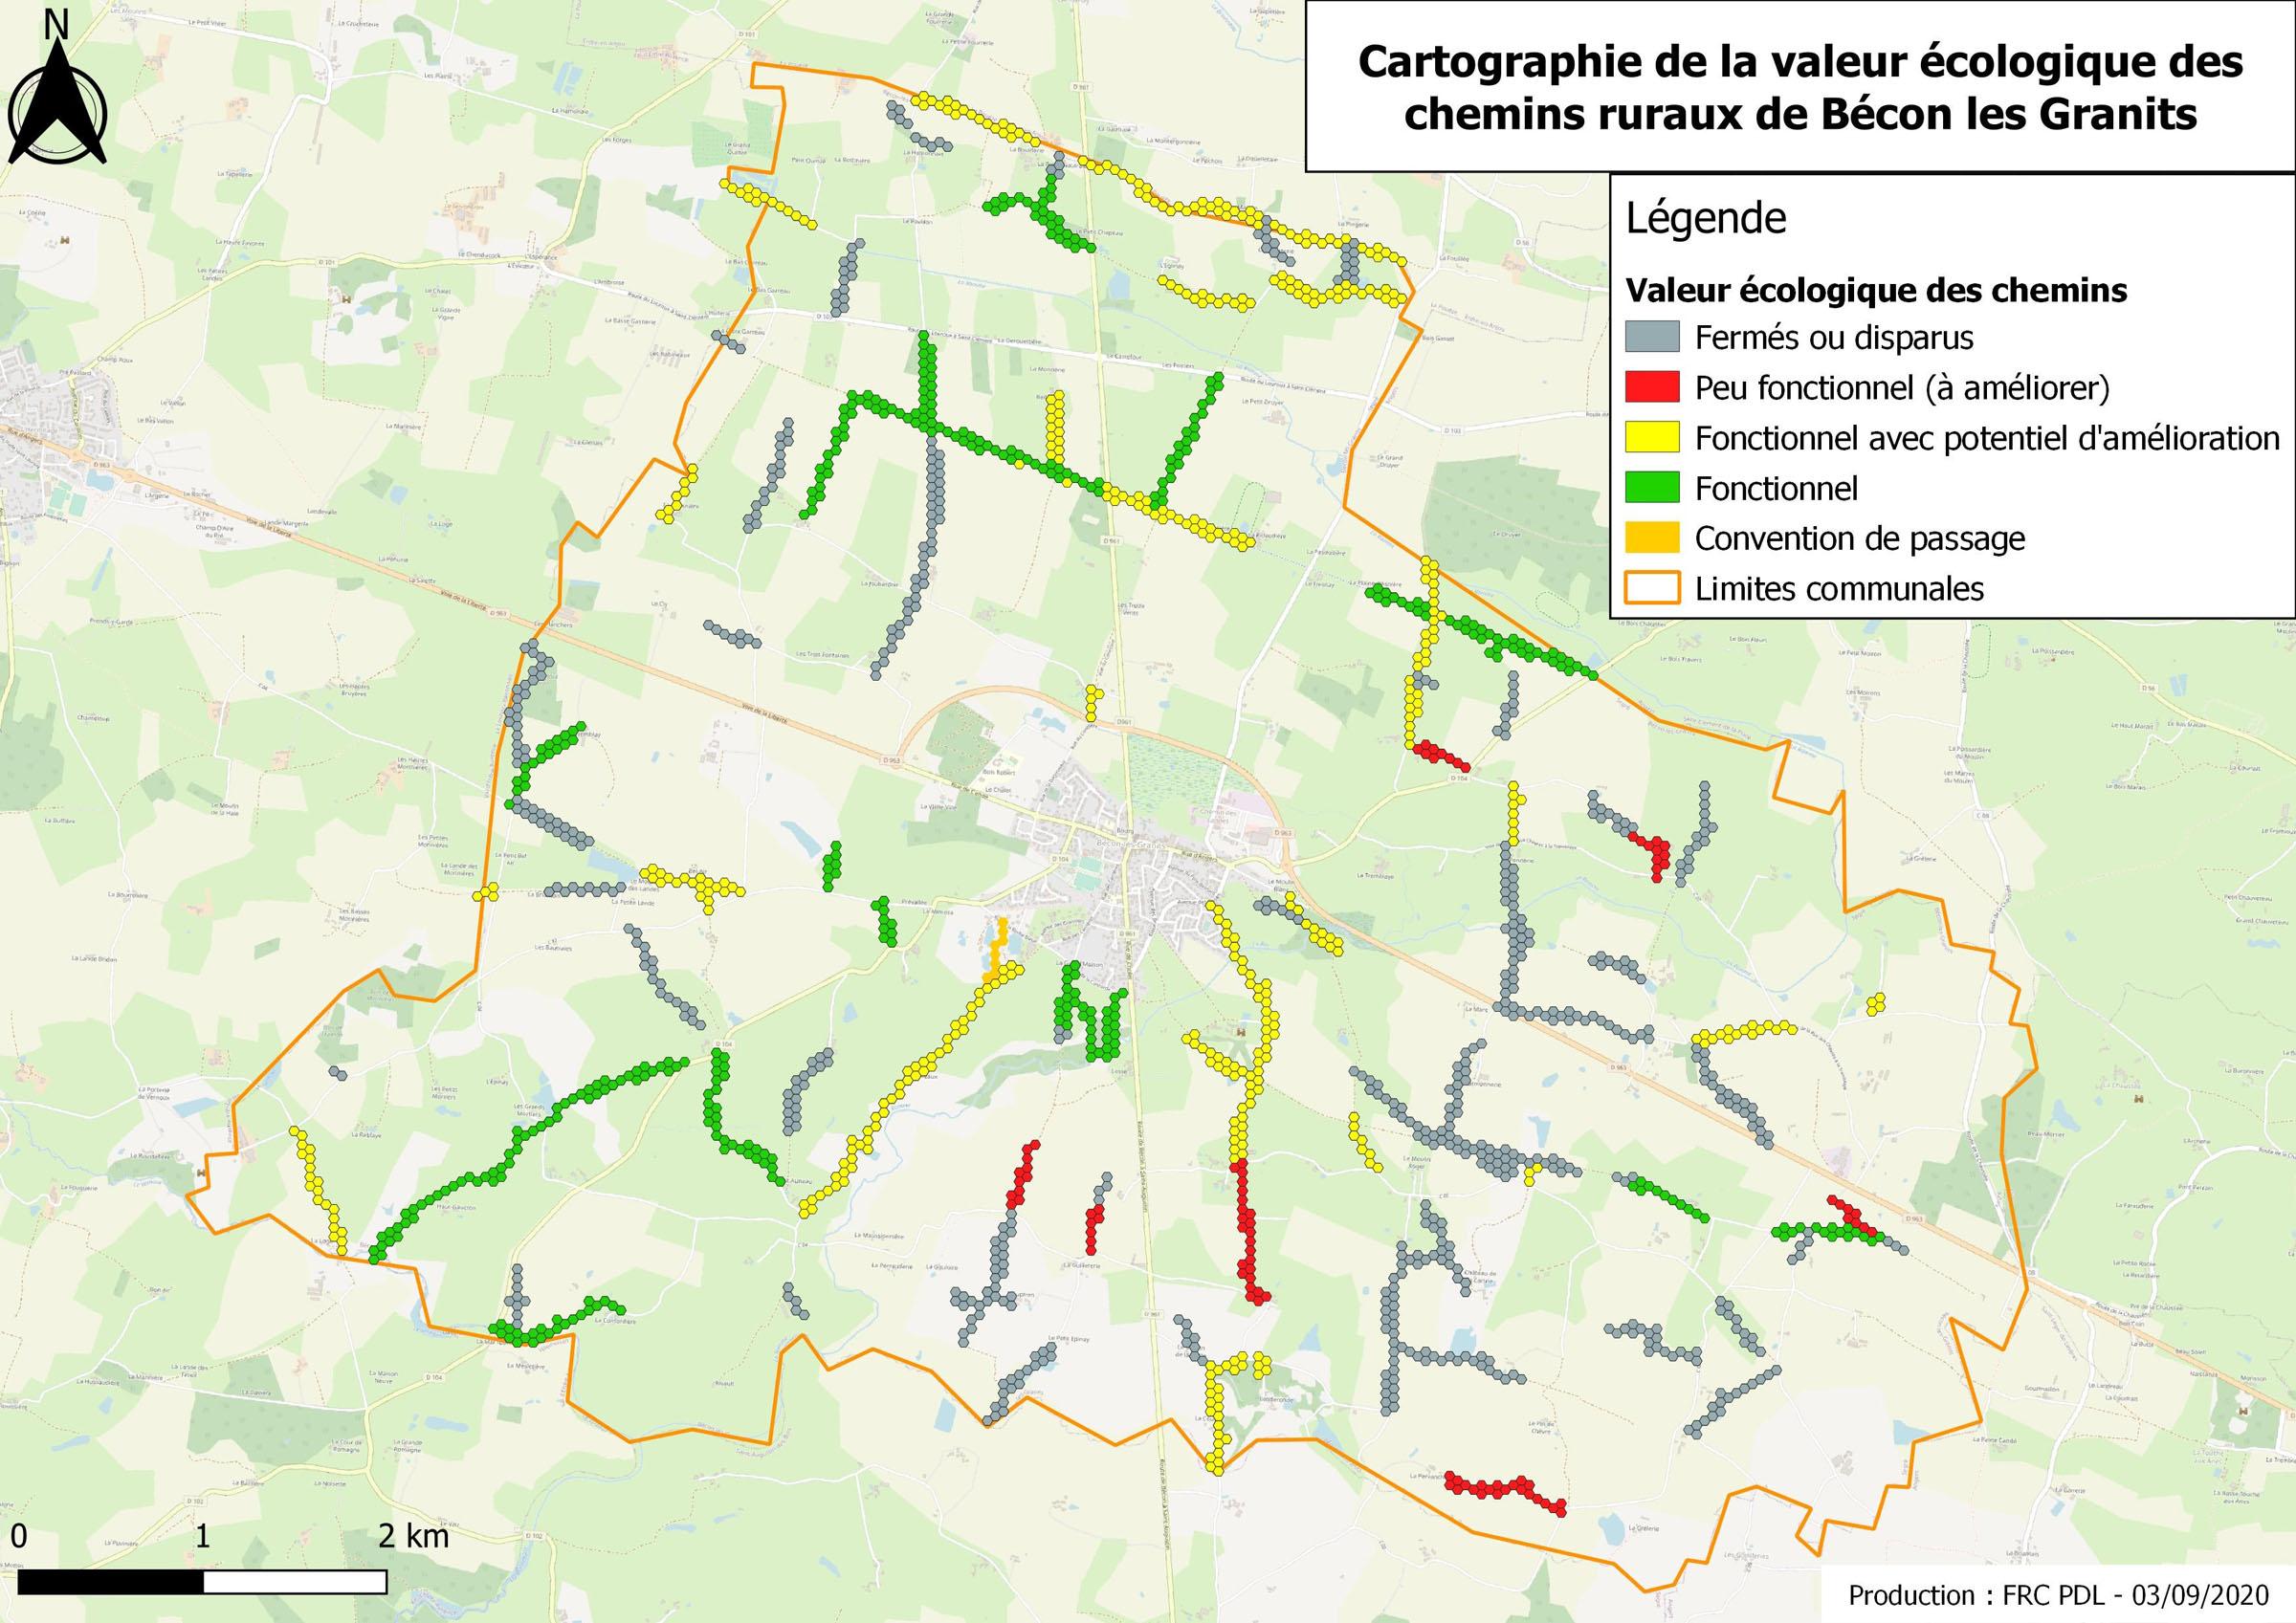 6 Carte valeur écologique chemins ruraux-1.jpg